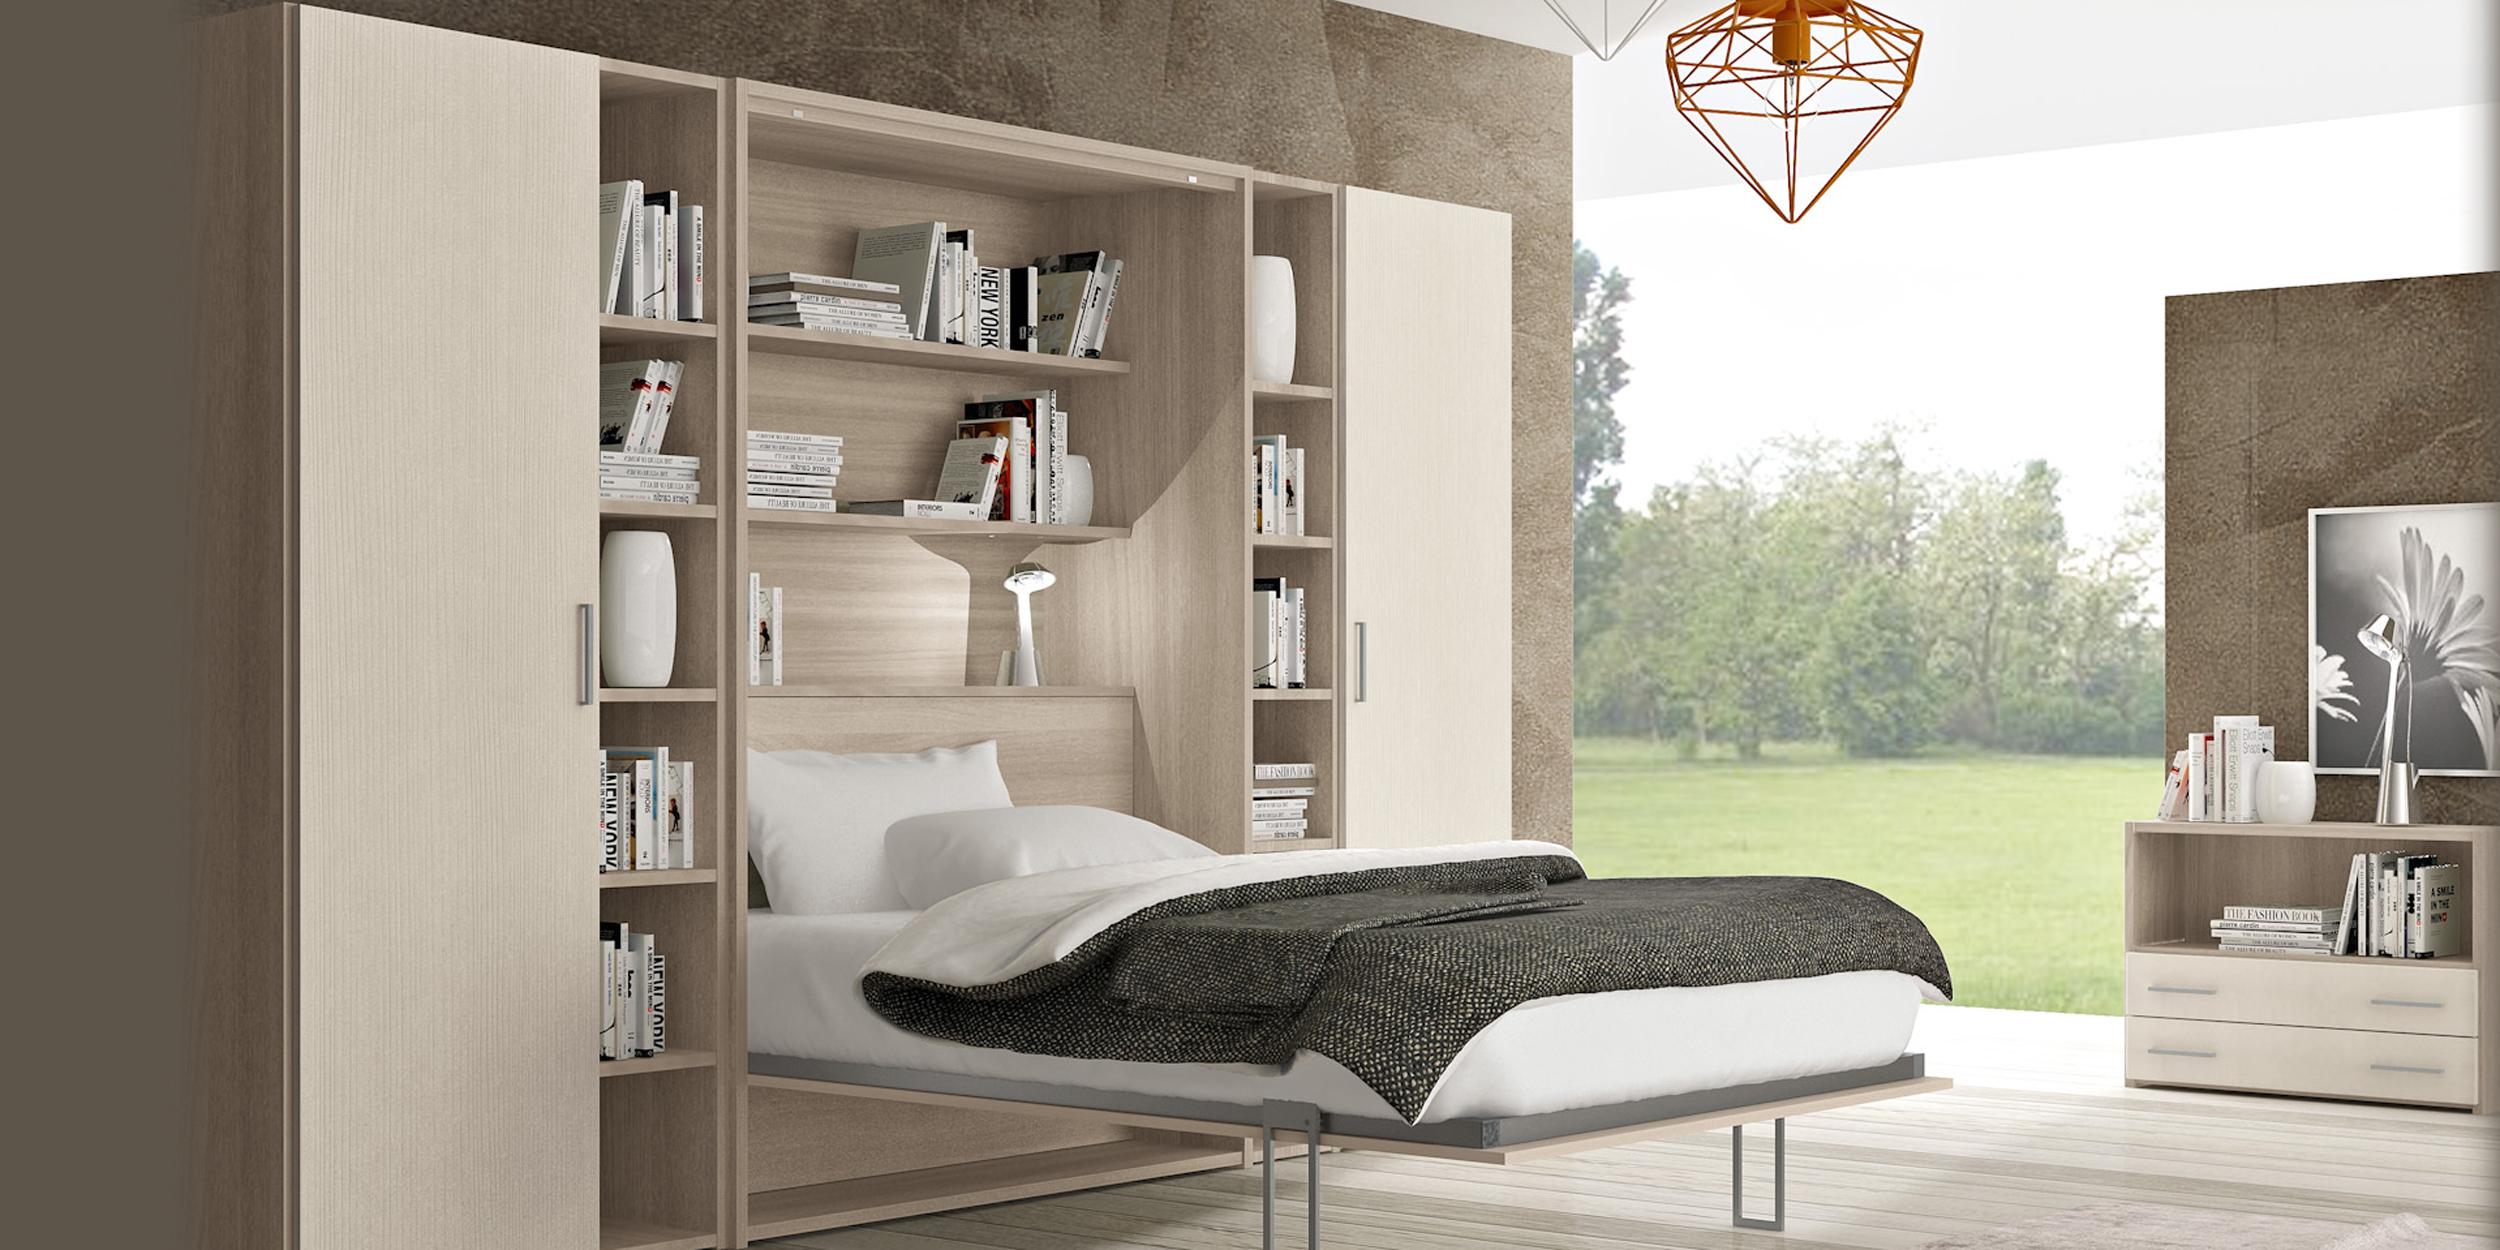 Nice Plan Your Childrenu0027s Bedroom. Photo